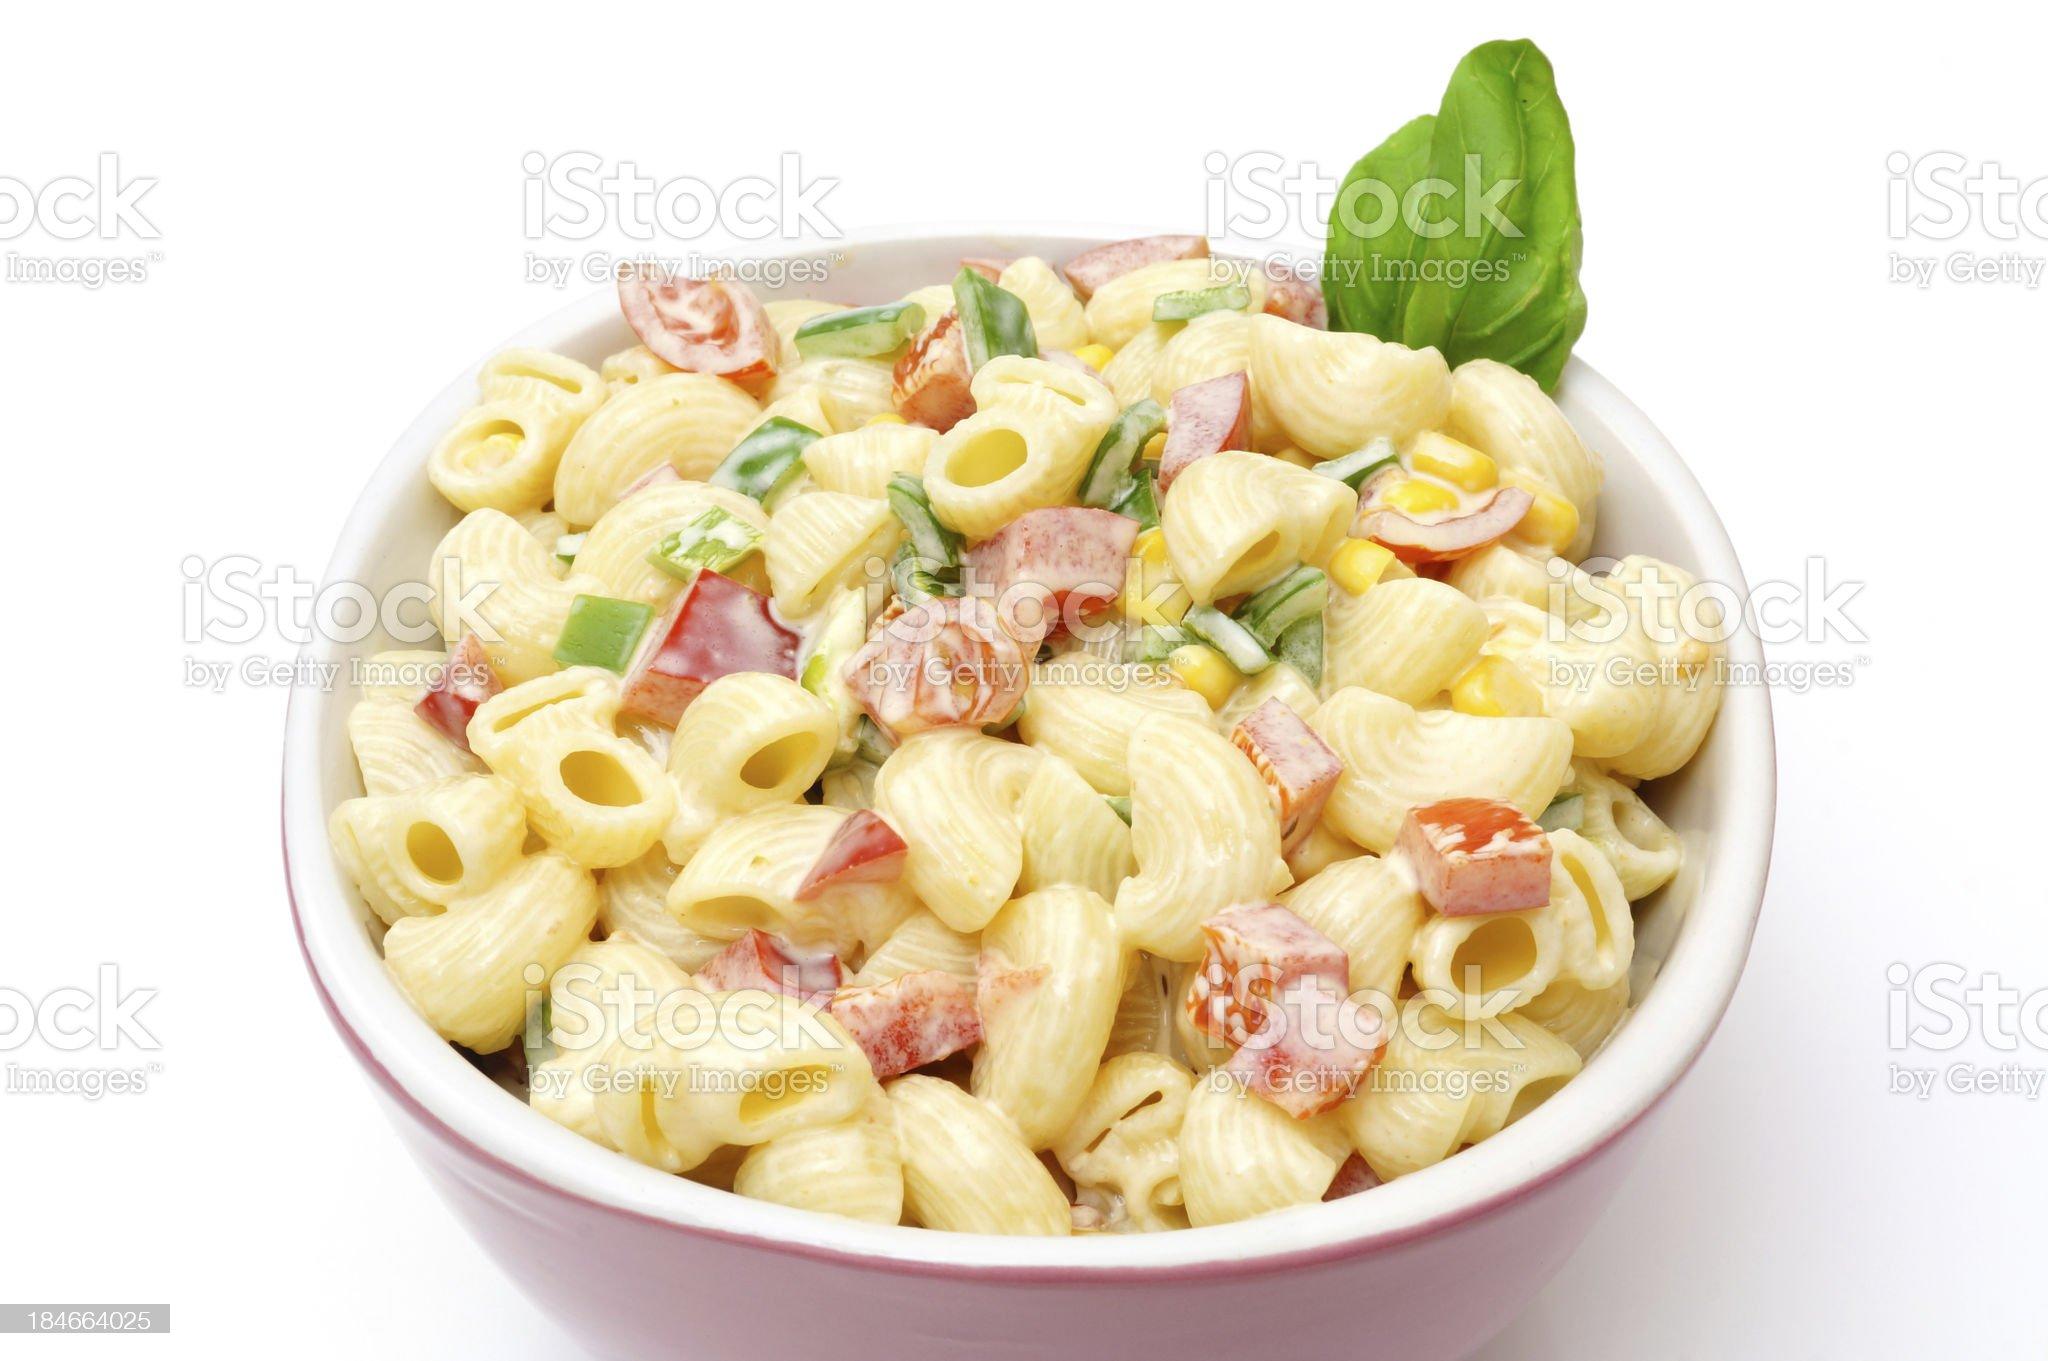 Macaroni salad isolated royalty-free stock photo